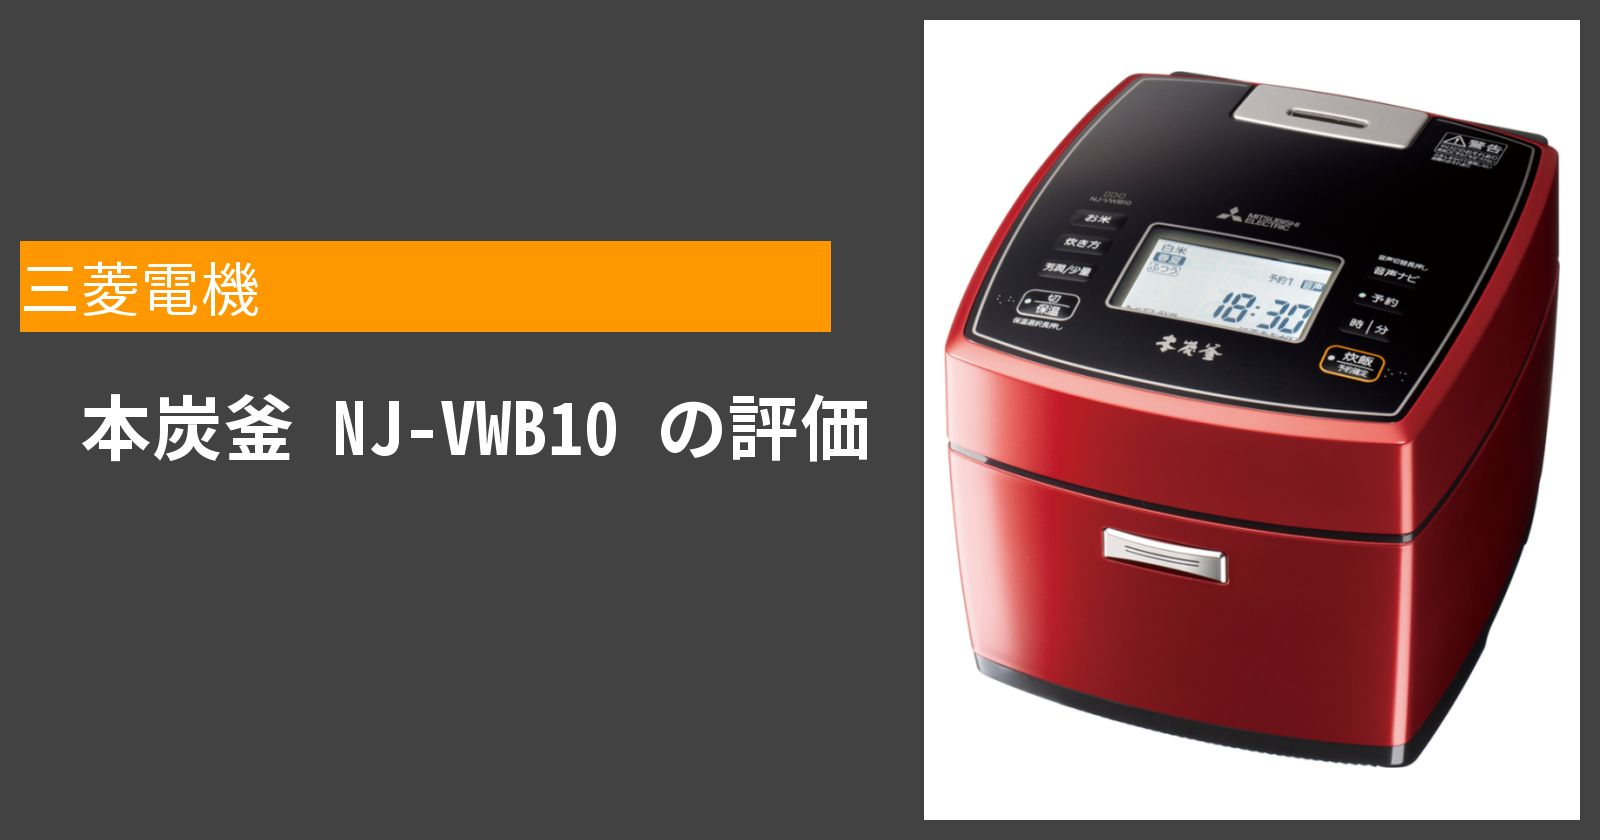 本炭釜 NJ-VWB10を徹底評価